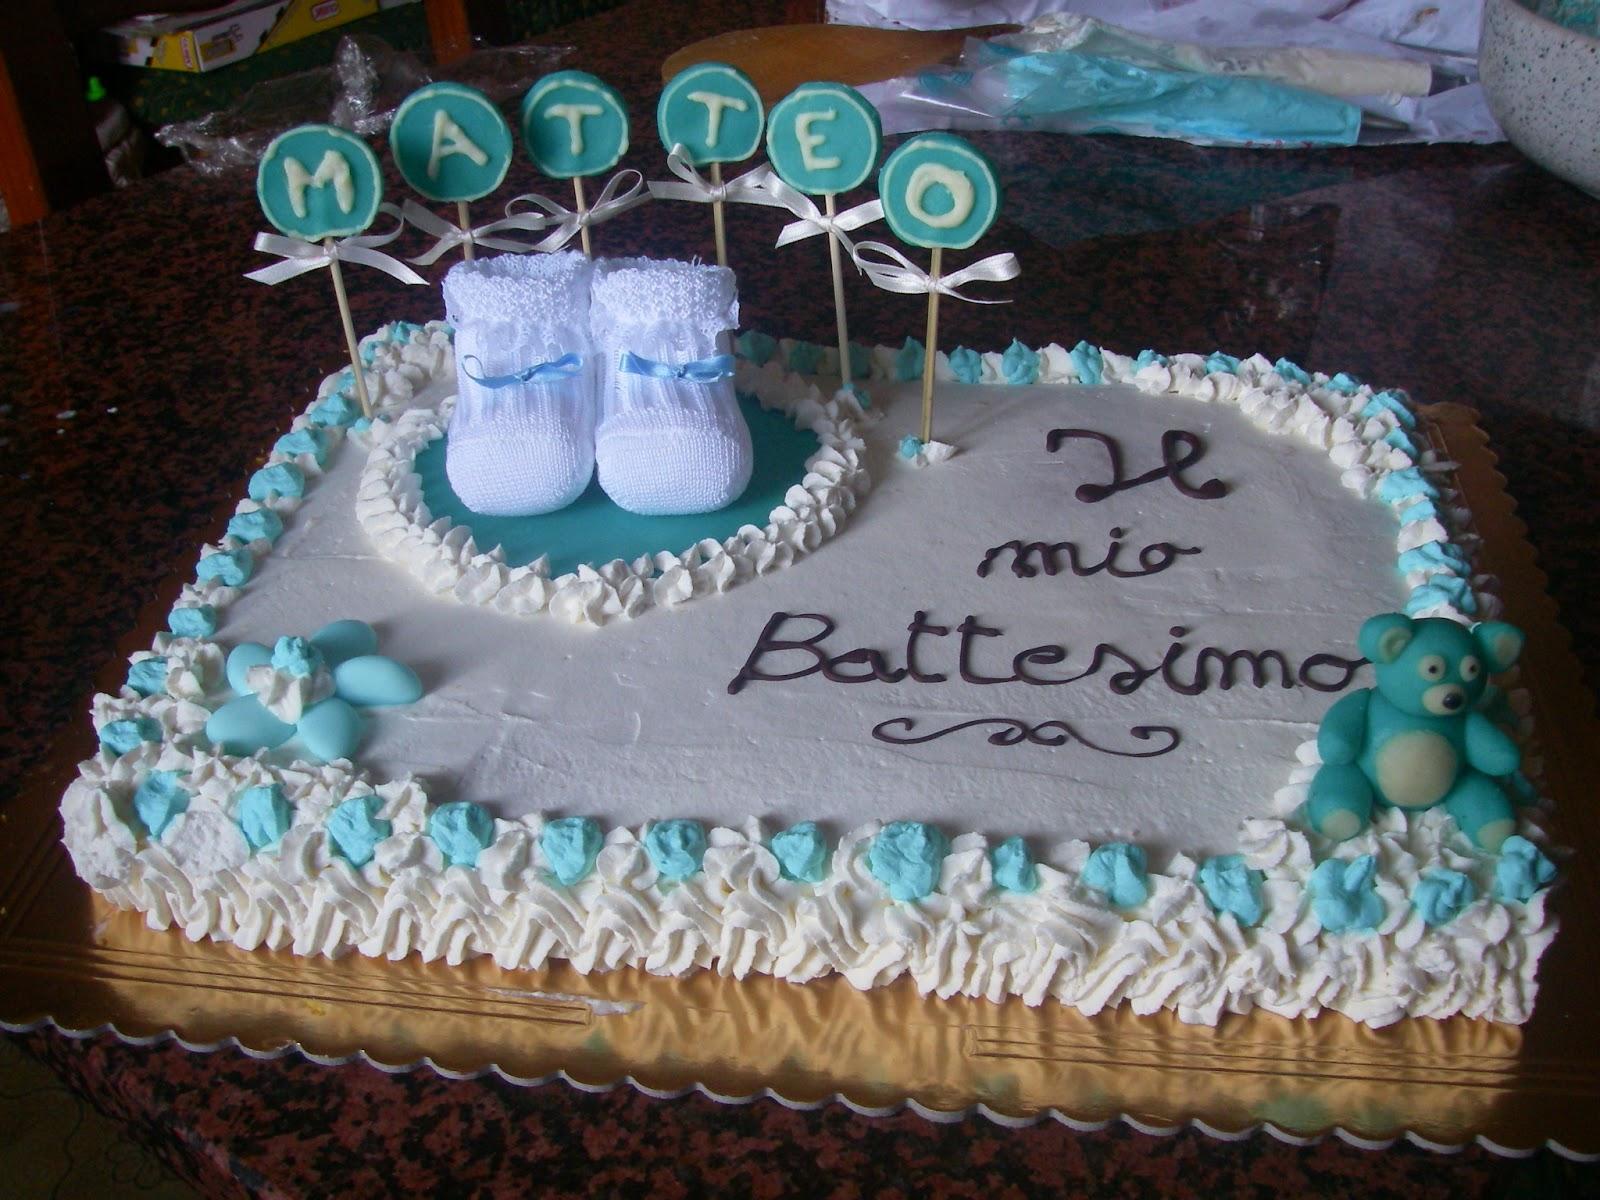 In cucina con monica torta battesimo matteo - Decorazioni battesimo bimbo ...